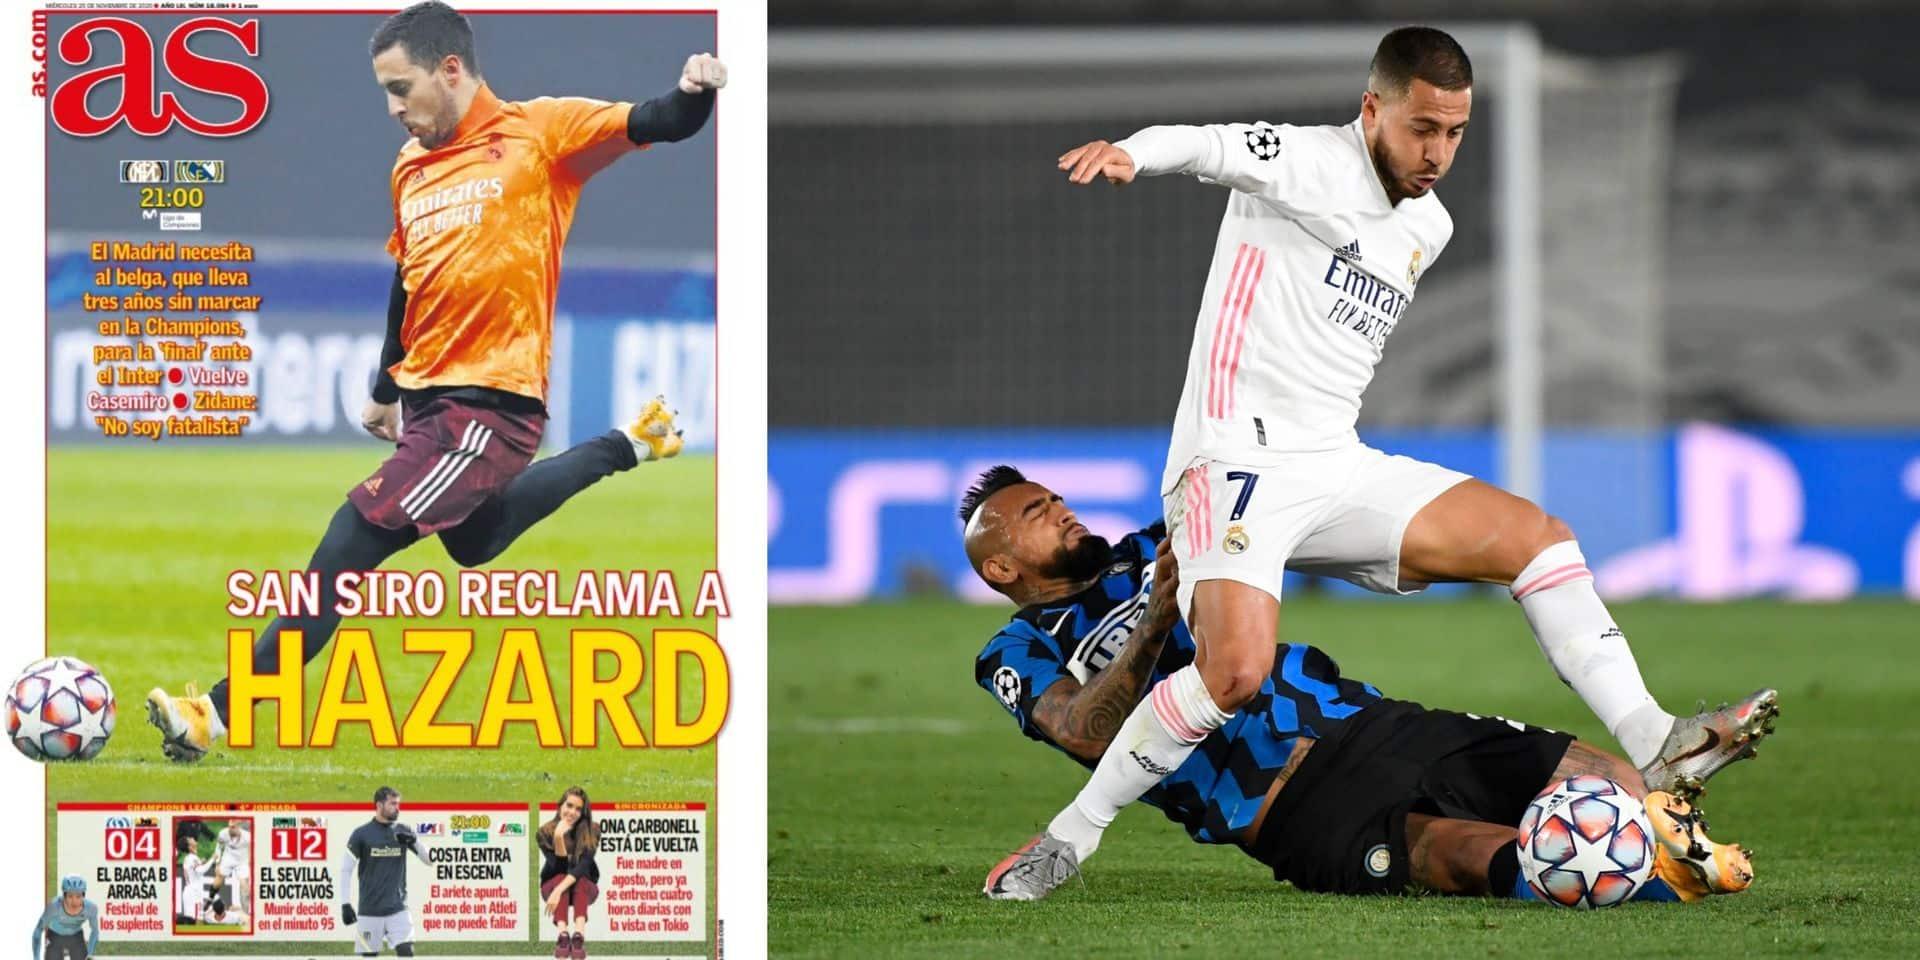 """La presse espagnole dédie sa Une à Eden avant le choc face à l'Inter: """"San Siro réclame Hazard"""""""